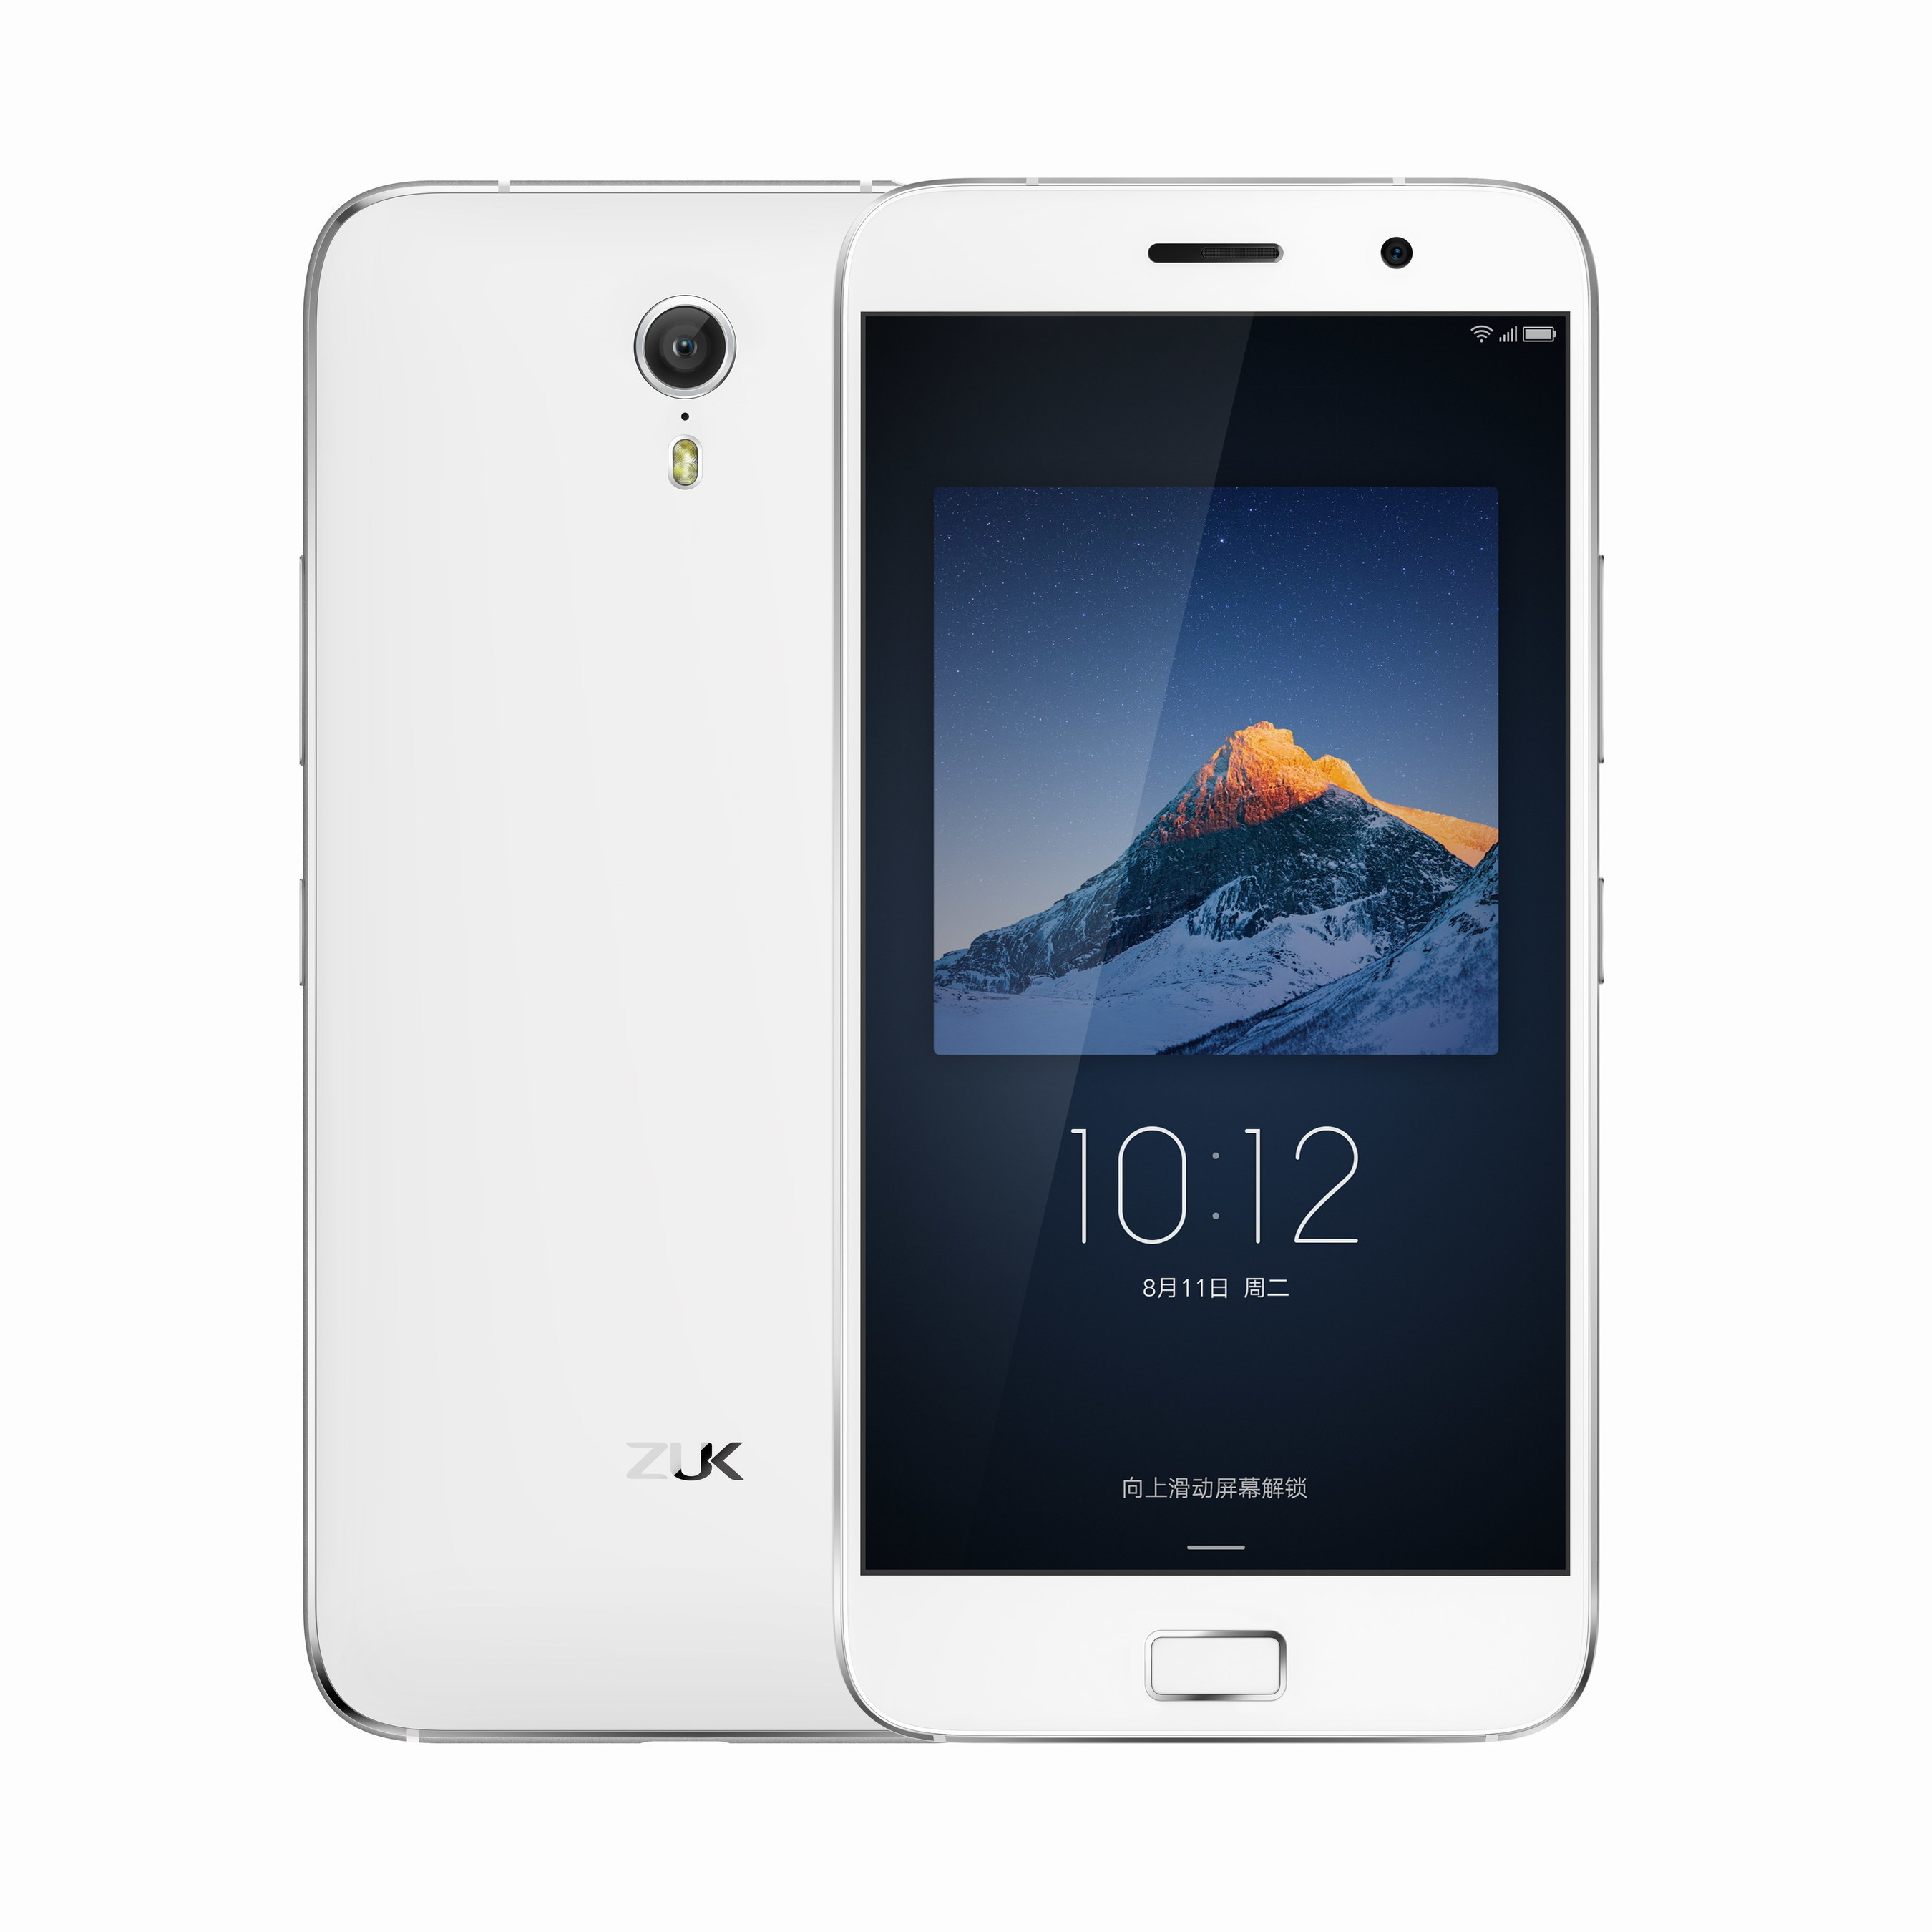 La nueva compañía china ZUK lanza el Z1, un smartphone de nueva generación